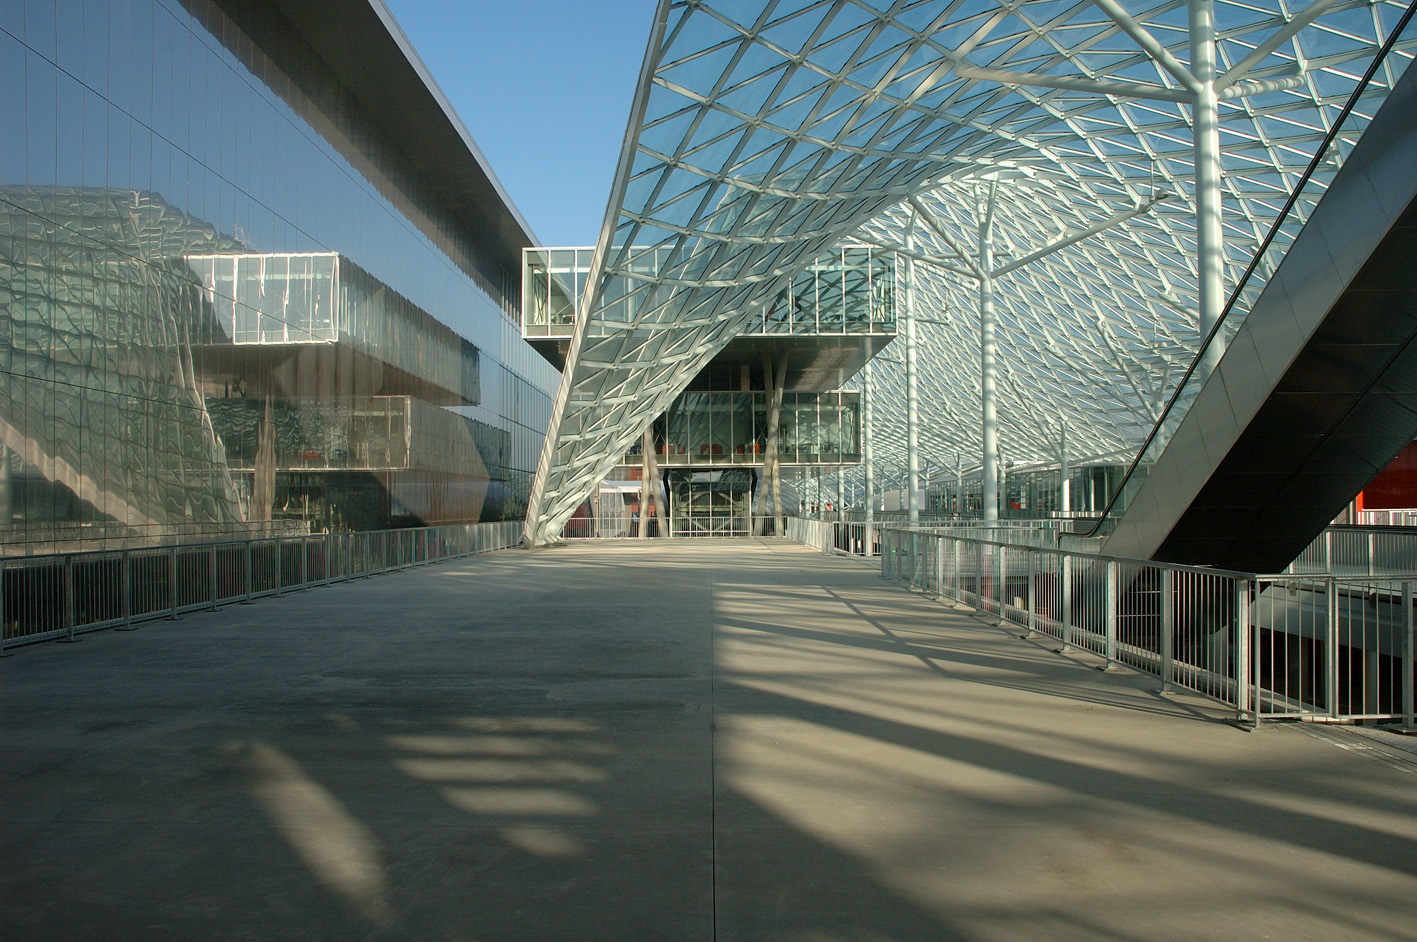 Salón Del Mueble Milán 2008 -Massimiliano Fuksas